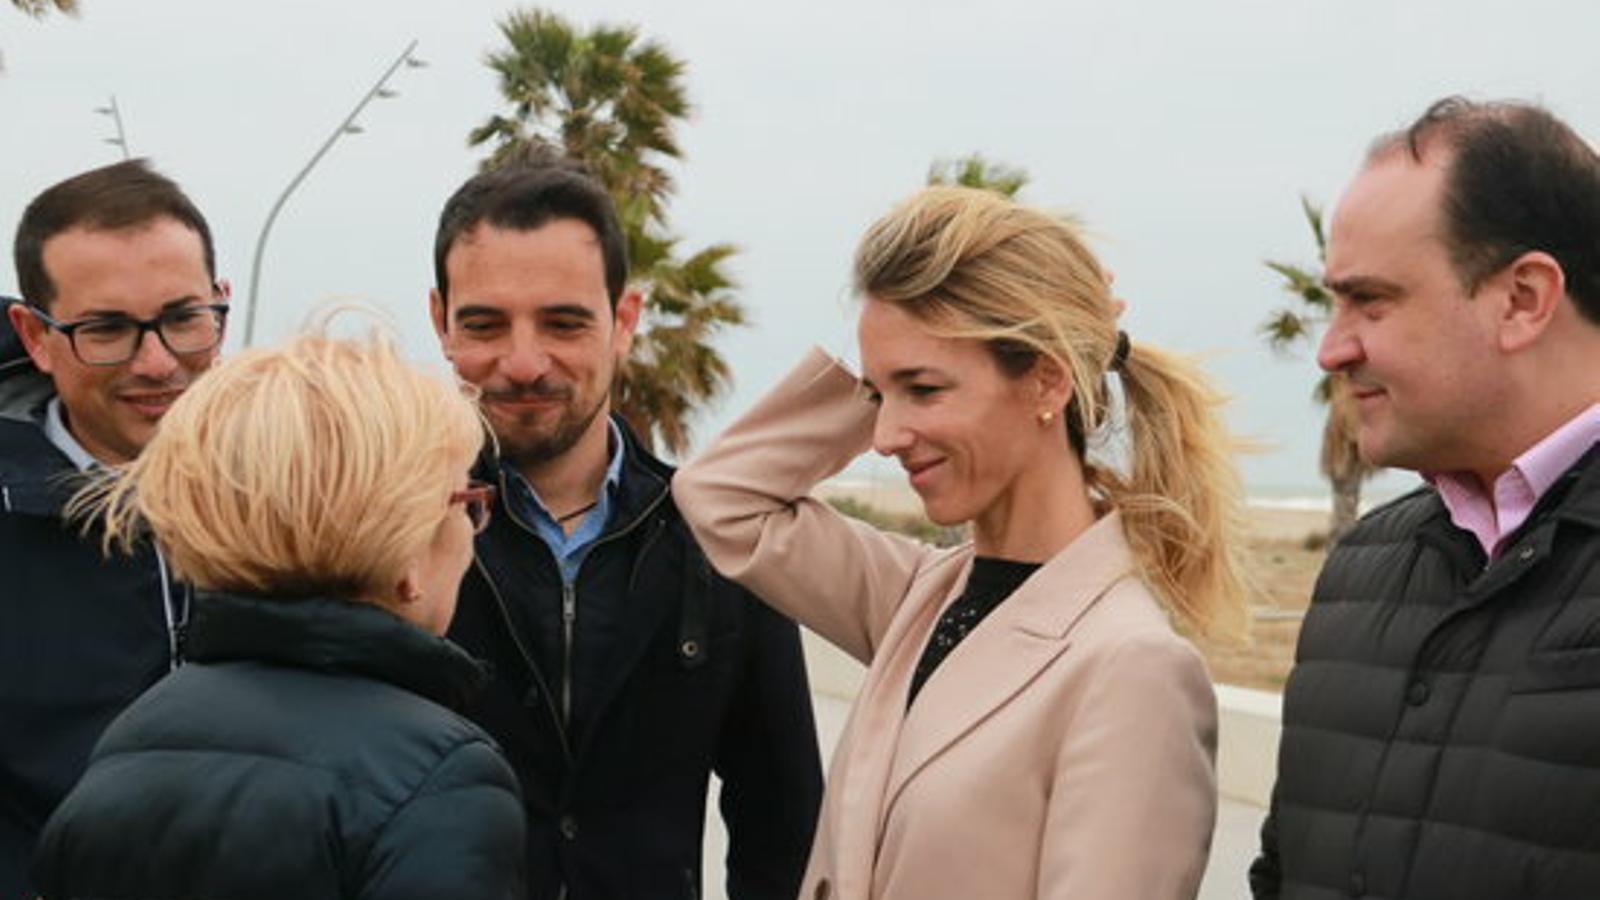 La candidata popular per Barcelona, Cayetana Álvarez de Toledo, acompanyada de l'exalcalde de Castelldefels, Manuel Reyes, i del secretari general del PP, Dani Serrano, a la platja d'aquesta ciutat